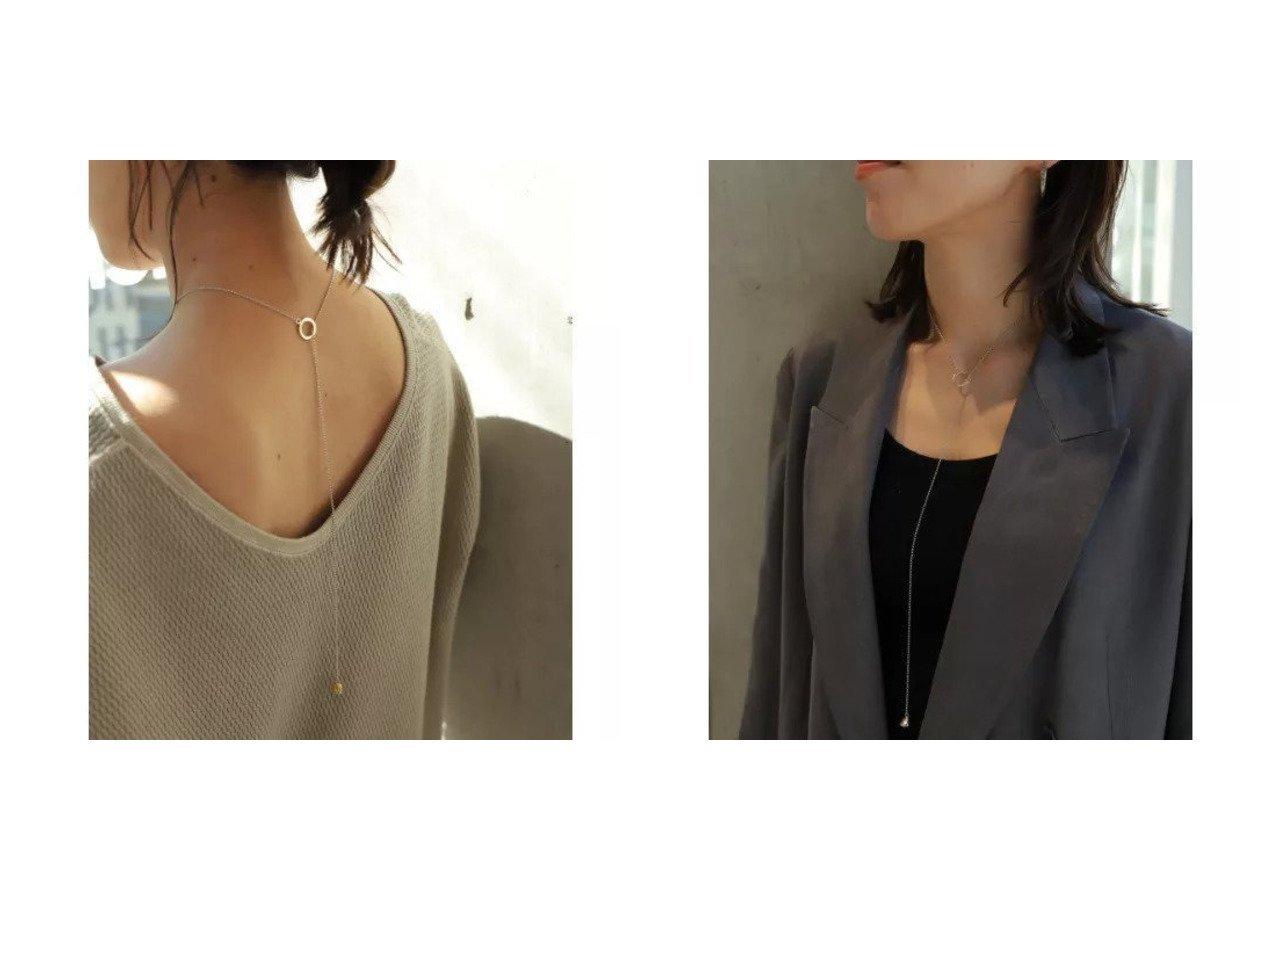 【Chaos/カオス】の【AFTER SHAVE CLUB】ネックレス N-027M&【AFTER SHAVE CLUB】ネックレス N-027S おすすめ!人気、トレンド・レディースファッションの通販 おすすめで人気の流行・トレンド、ファッションの通販商品 メンズファッション・キッズファッション・インテリア・家具・レディースファッション・服の通販 founy(ファニー) https://founy.com/ ファッション Fashion レディースファッション WOMEN ジュエリー Jewelry ネックレス Necklaces アクセサリー ネックレス |ID:crp329100000029507